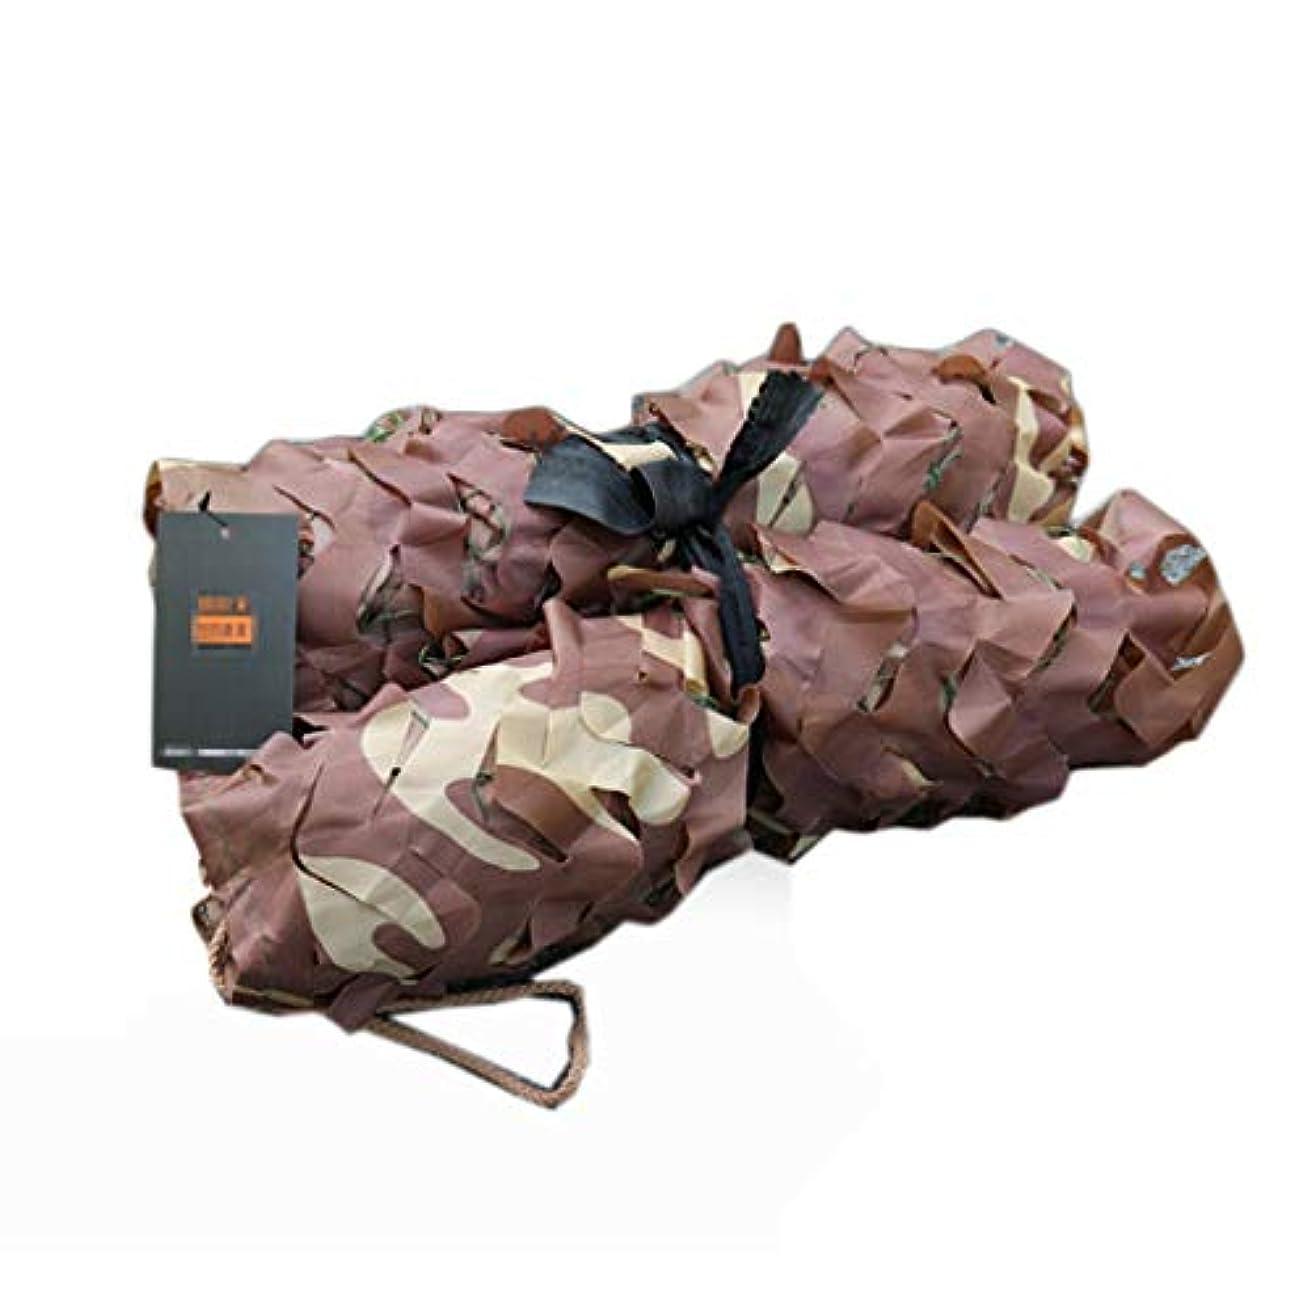 スリンクテロそこ家庭用防水シート カモフラージュネット、狩猟キャンプ用屋外砂漠の森隠し車の装飾シェードネット、砂漠の迷彩 商品を覆うバルコニー (Size : 8*10M)